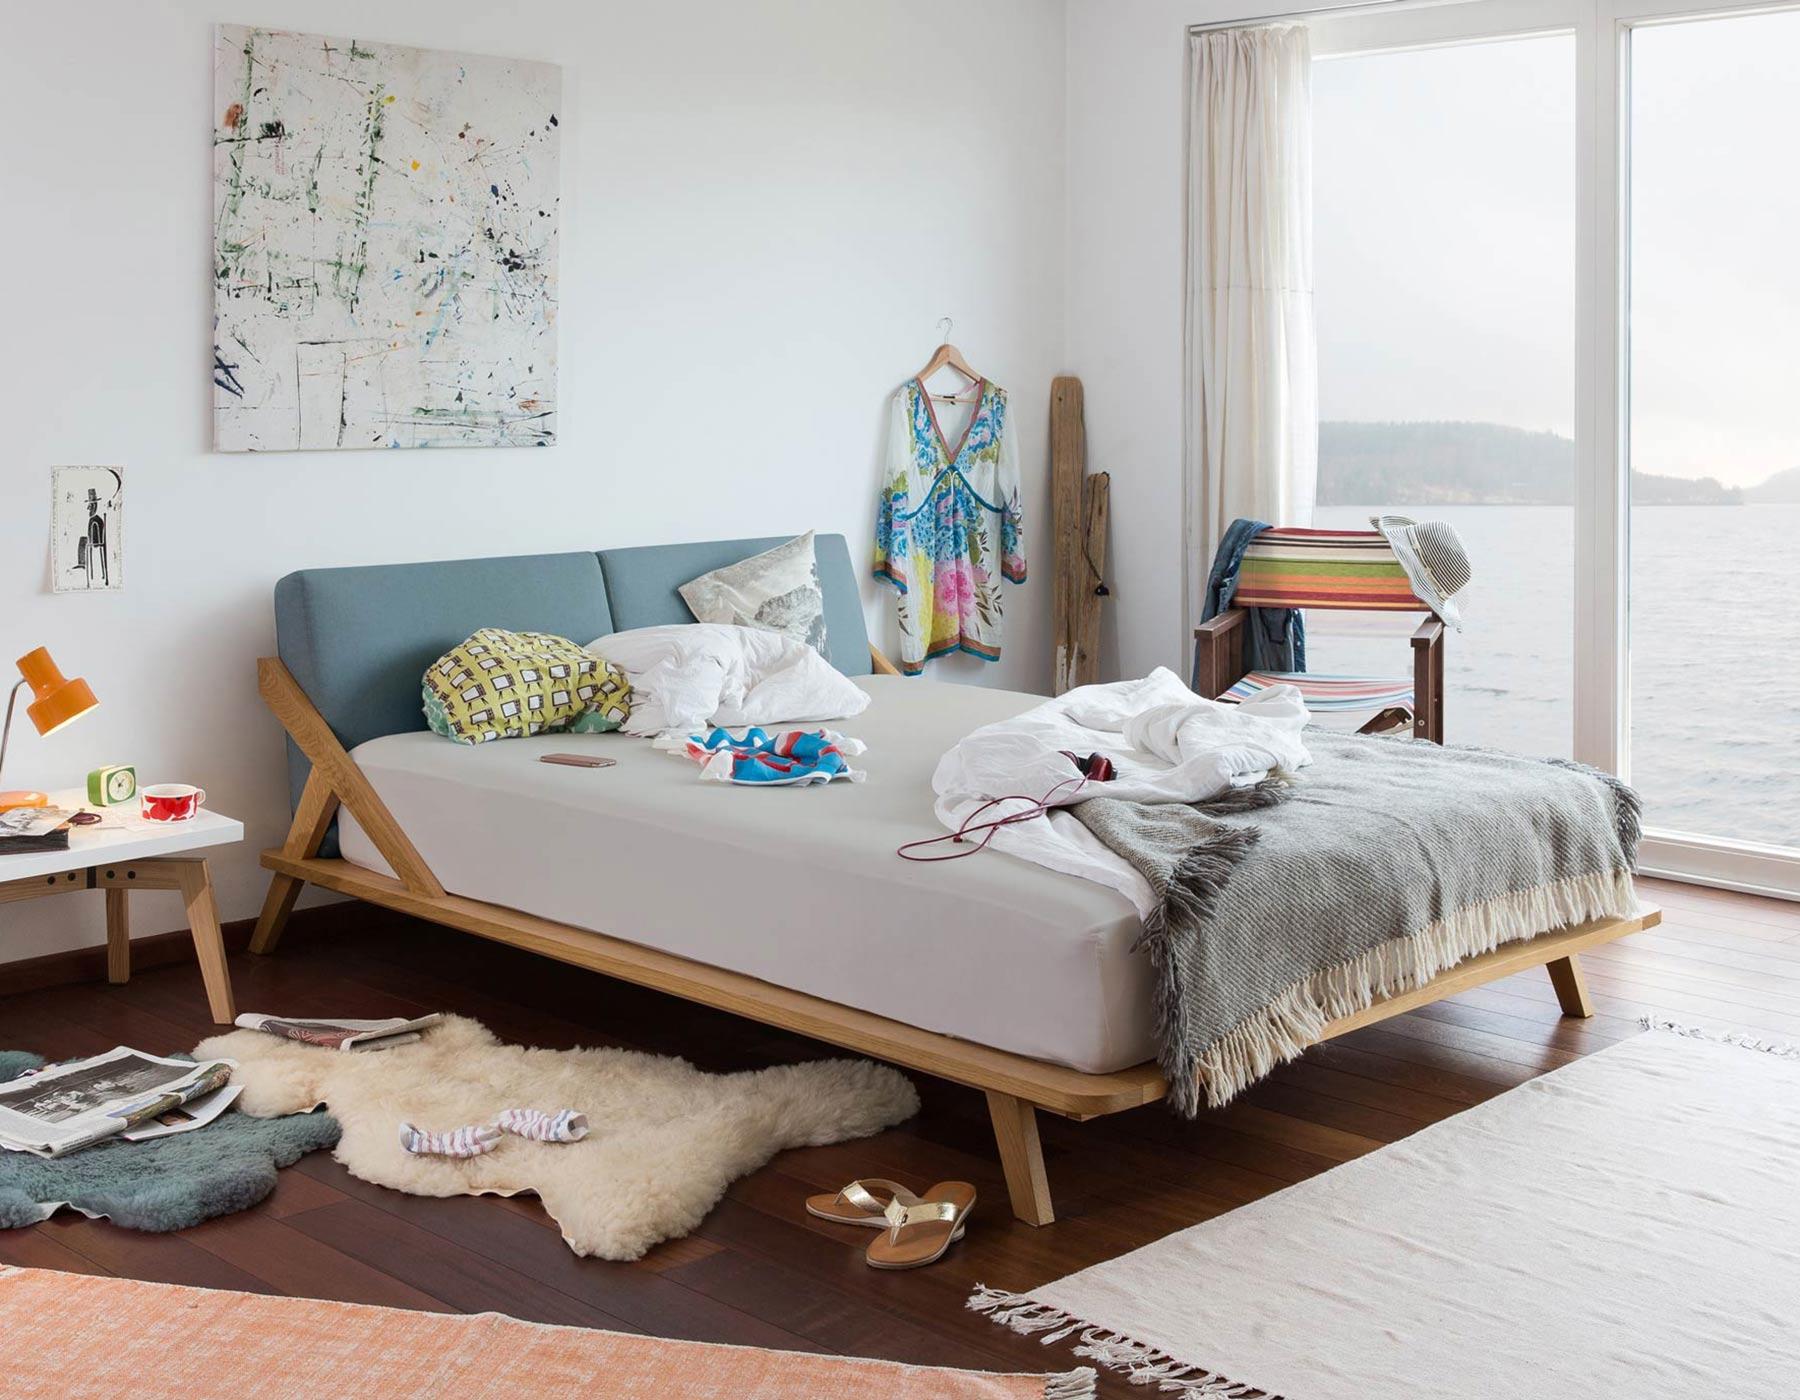 Full Size of Bett Design Holz Betten Massivholz Schlicht Nordic Space Lieber Natrlich Modern 180x200 Schwarz 200x220 Bopita Eiche Massiv Niedrig Platzsparend Stabiles Wohnzimmer Bett Design Holz